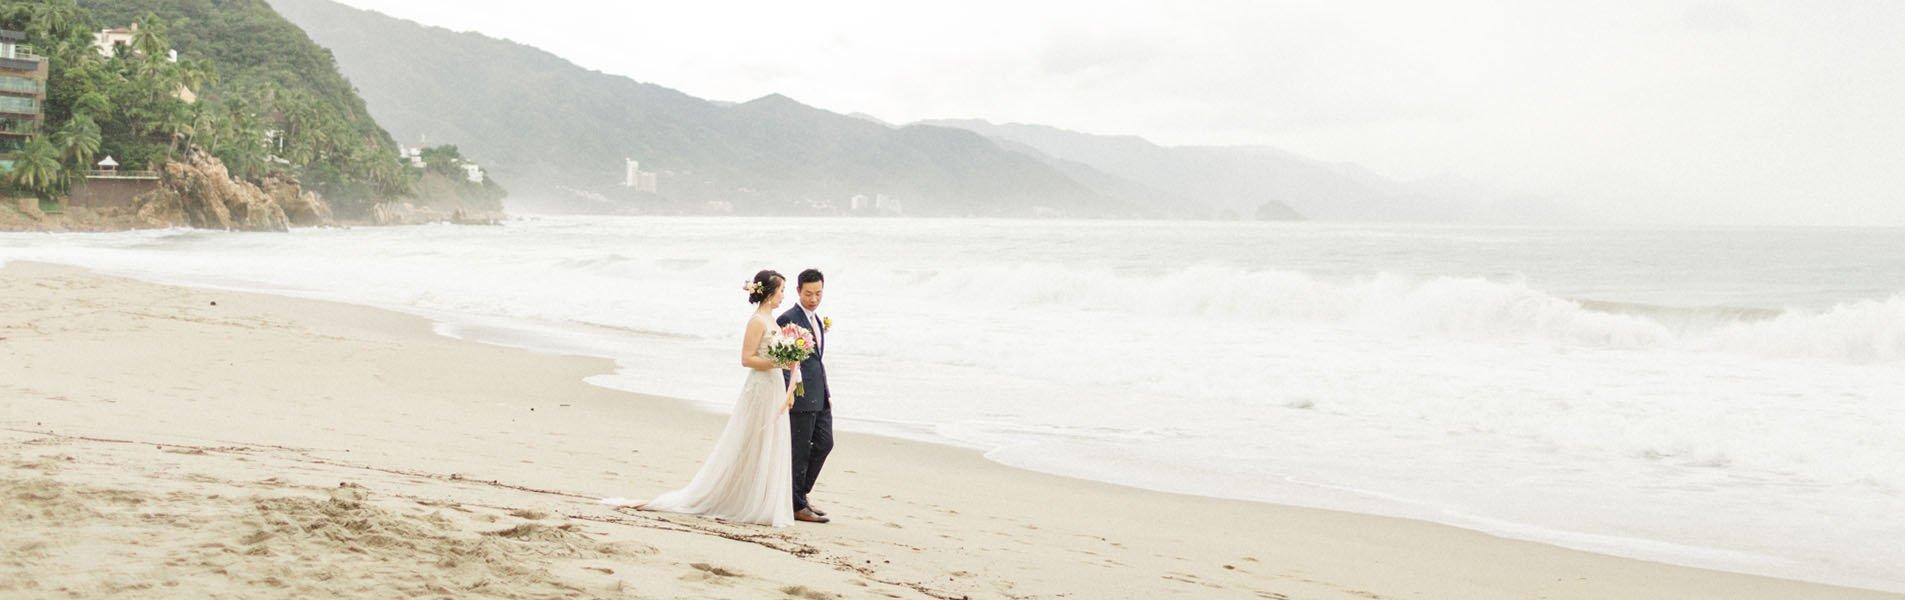 couple walkin on beach